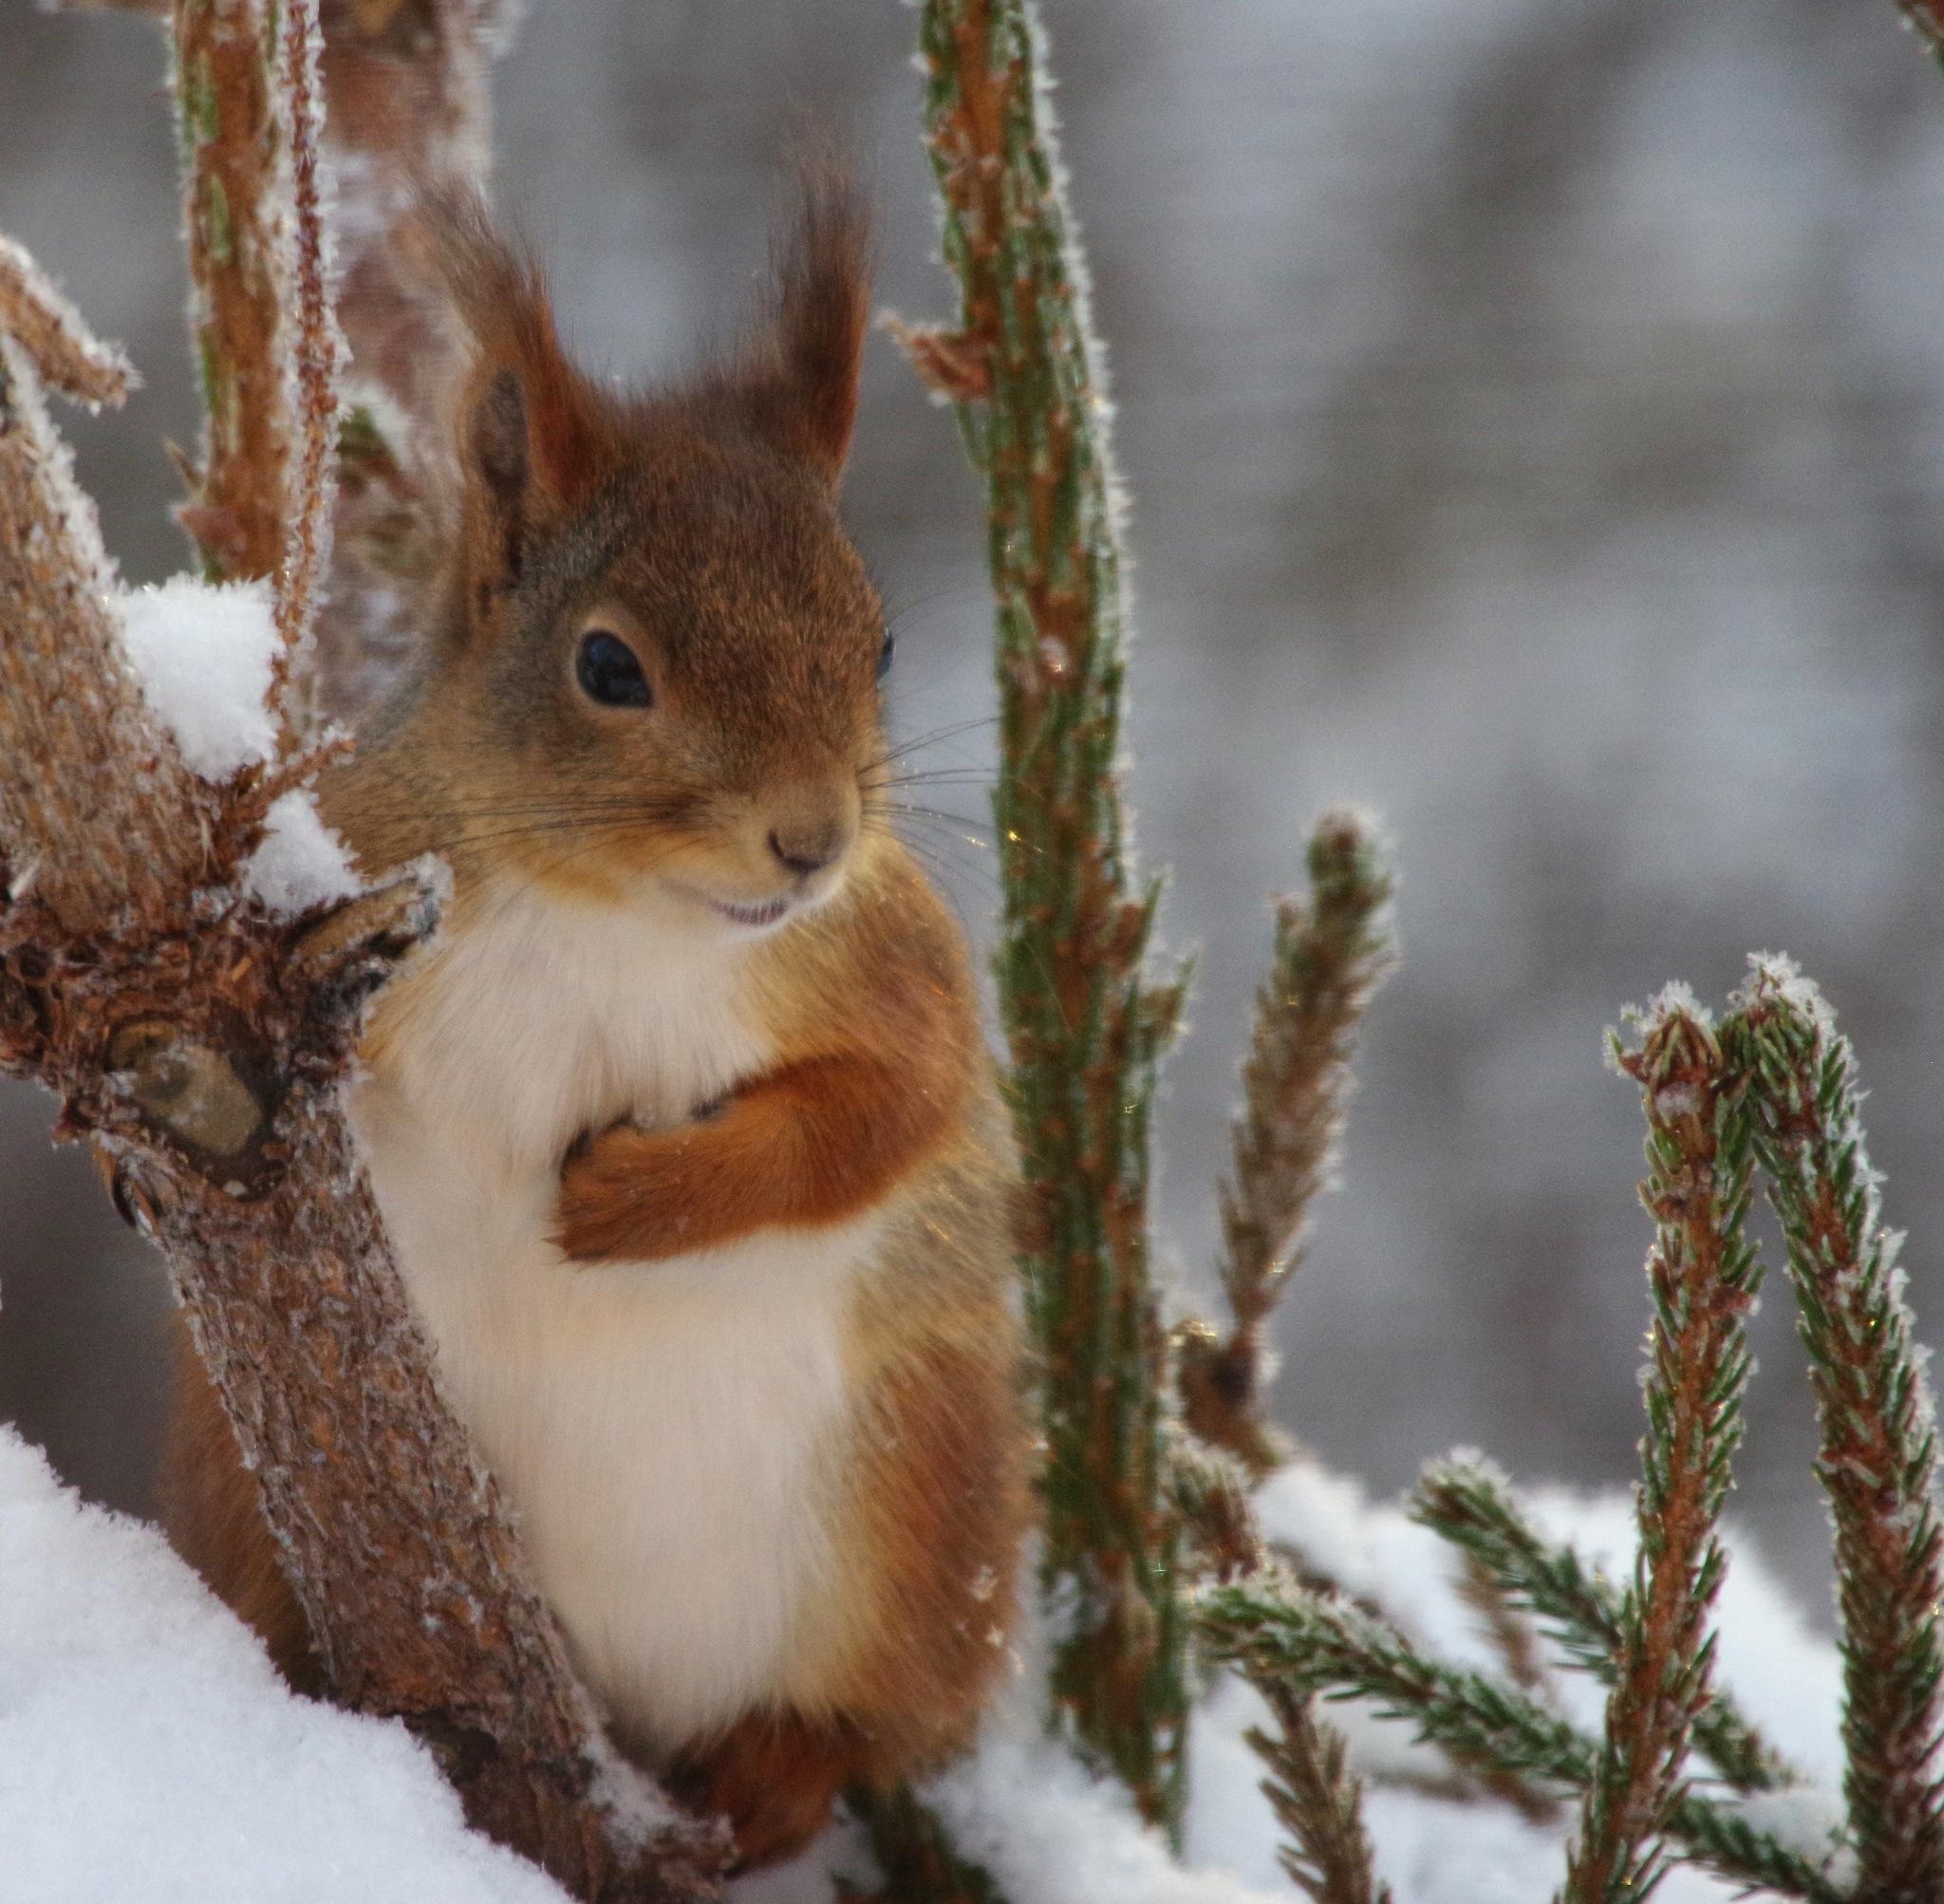 Squirrel by Annica Nykvist